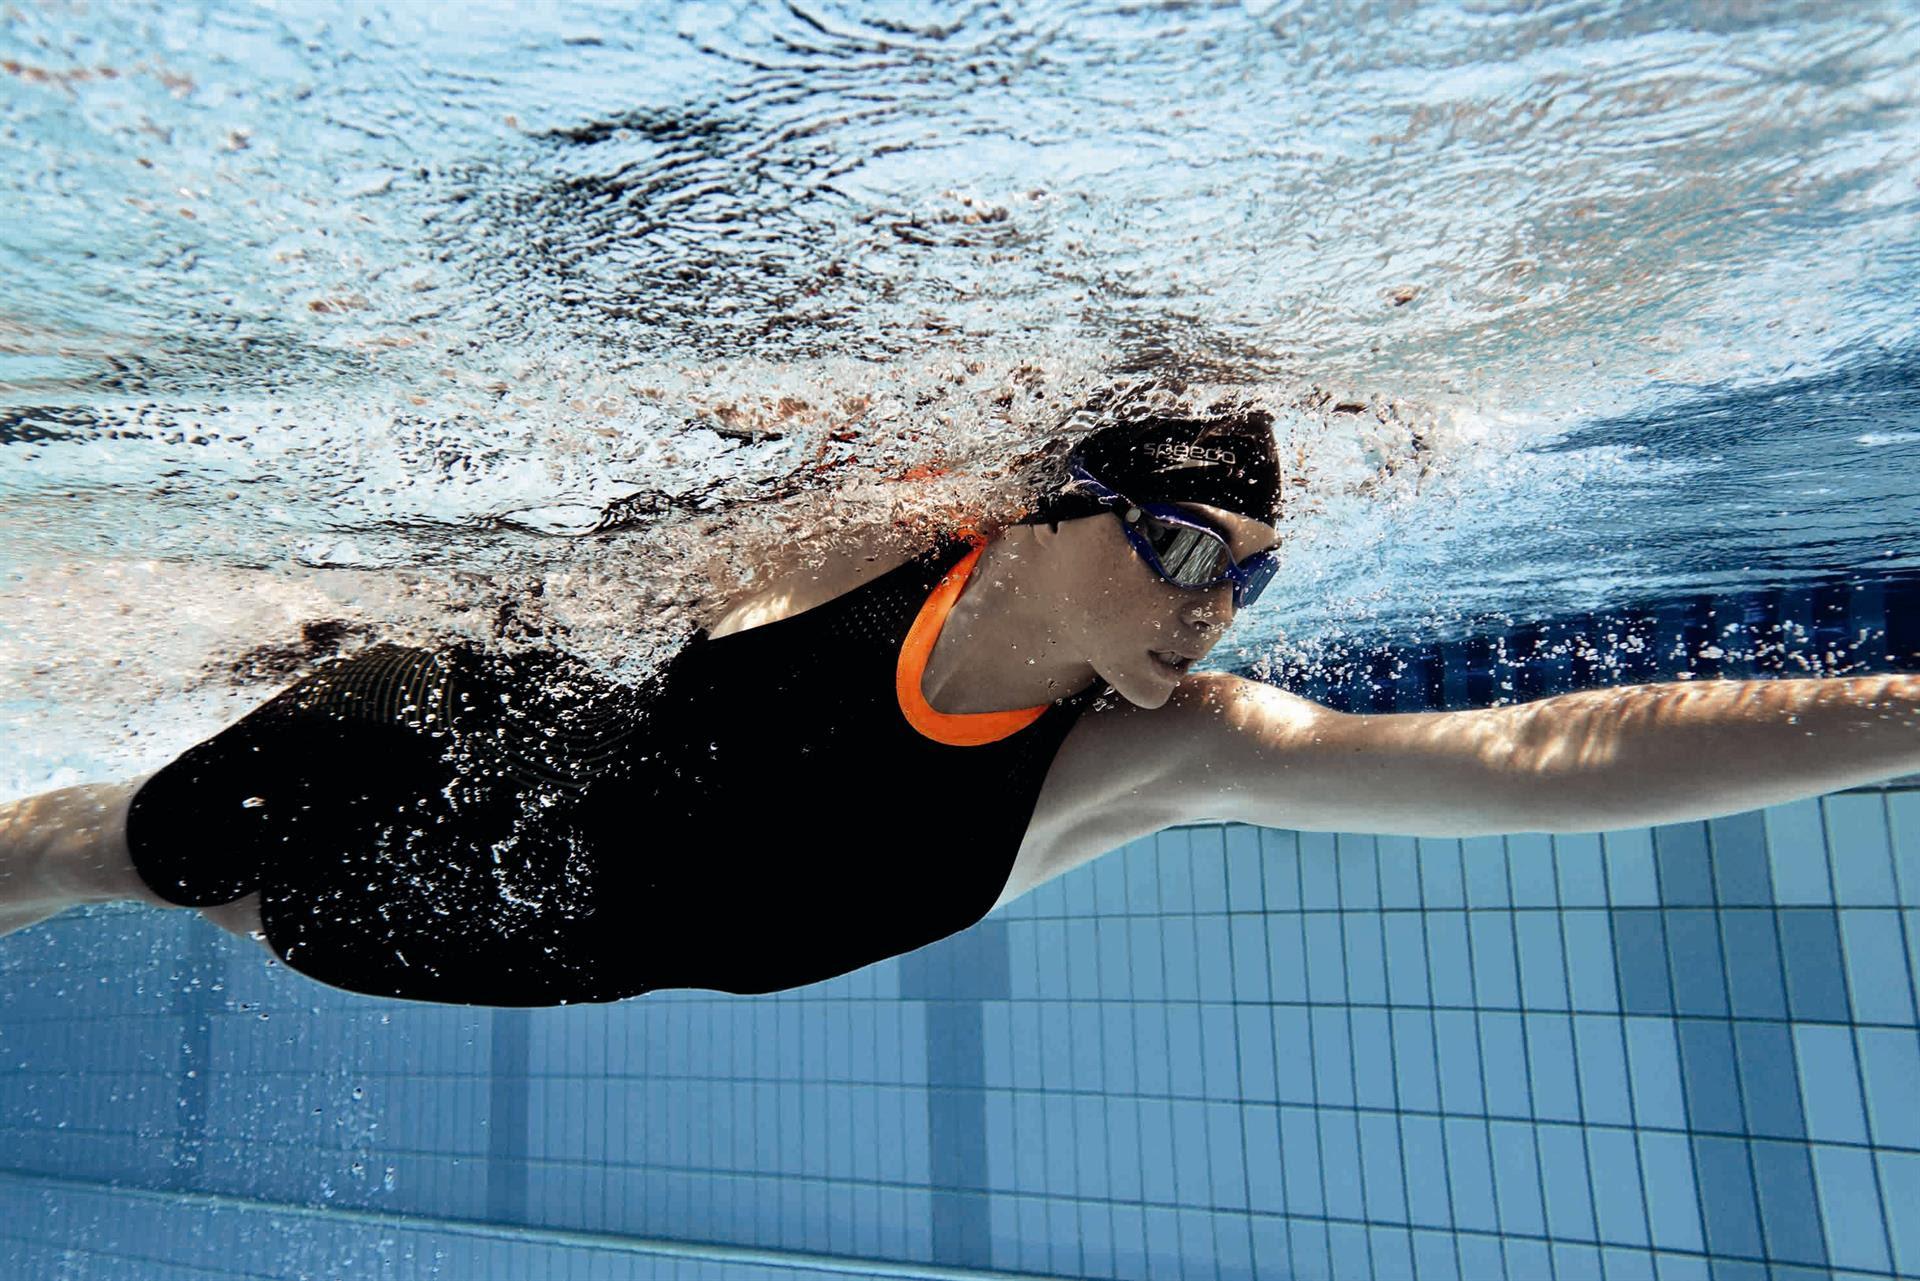 Nuoto i nuovi costumi per lo sport in piscina anche tutine - Piscina trezzano sul naviglio nuoto libero ...